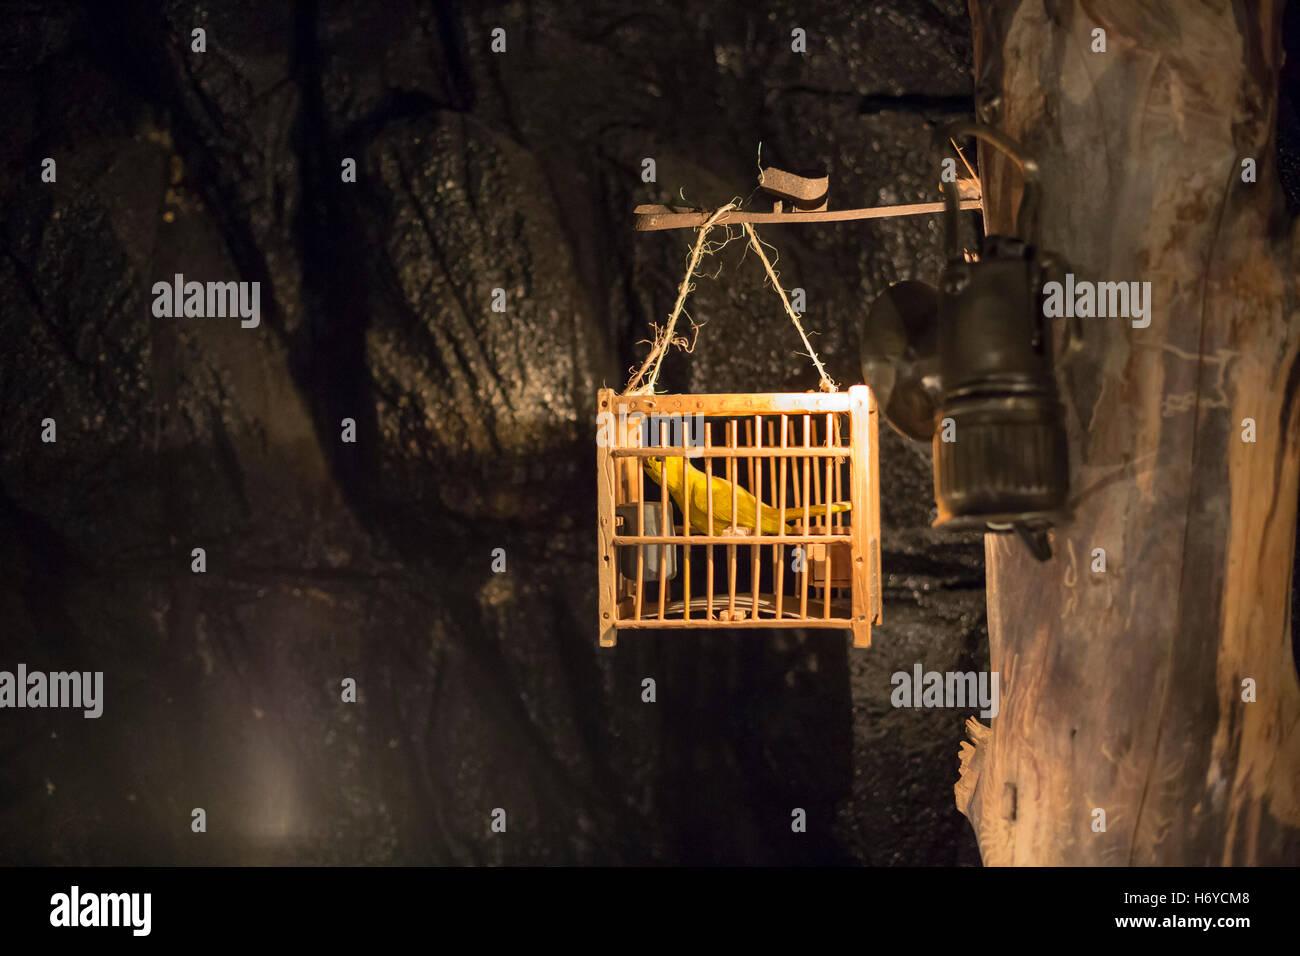 Leadville, Colorado - eine Anzeige von einem Kanarienvogel in einem Kohlebergwerk im National Mining Hall Of Fame Stockbild